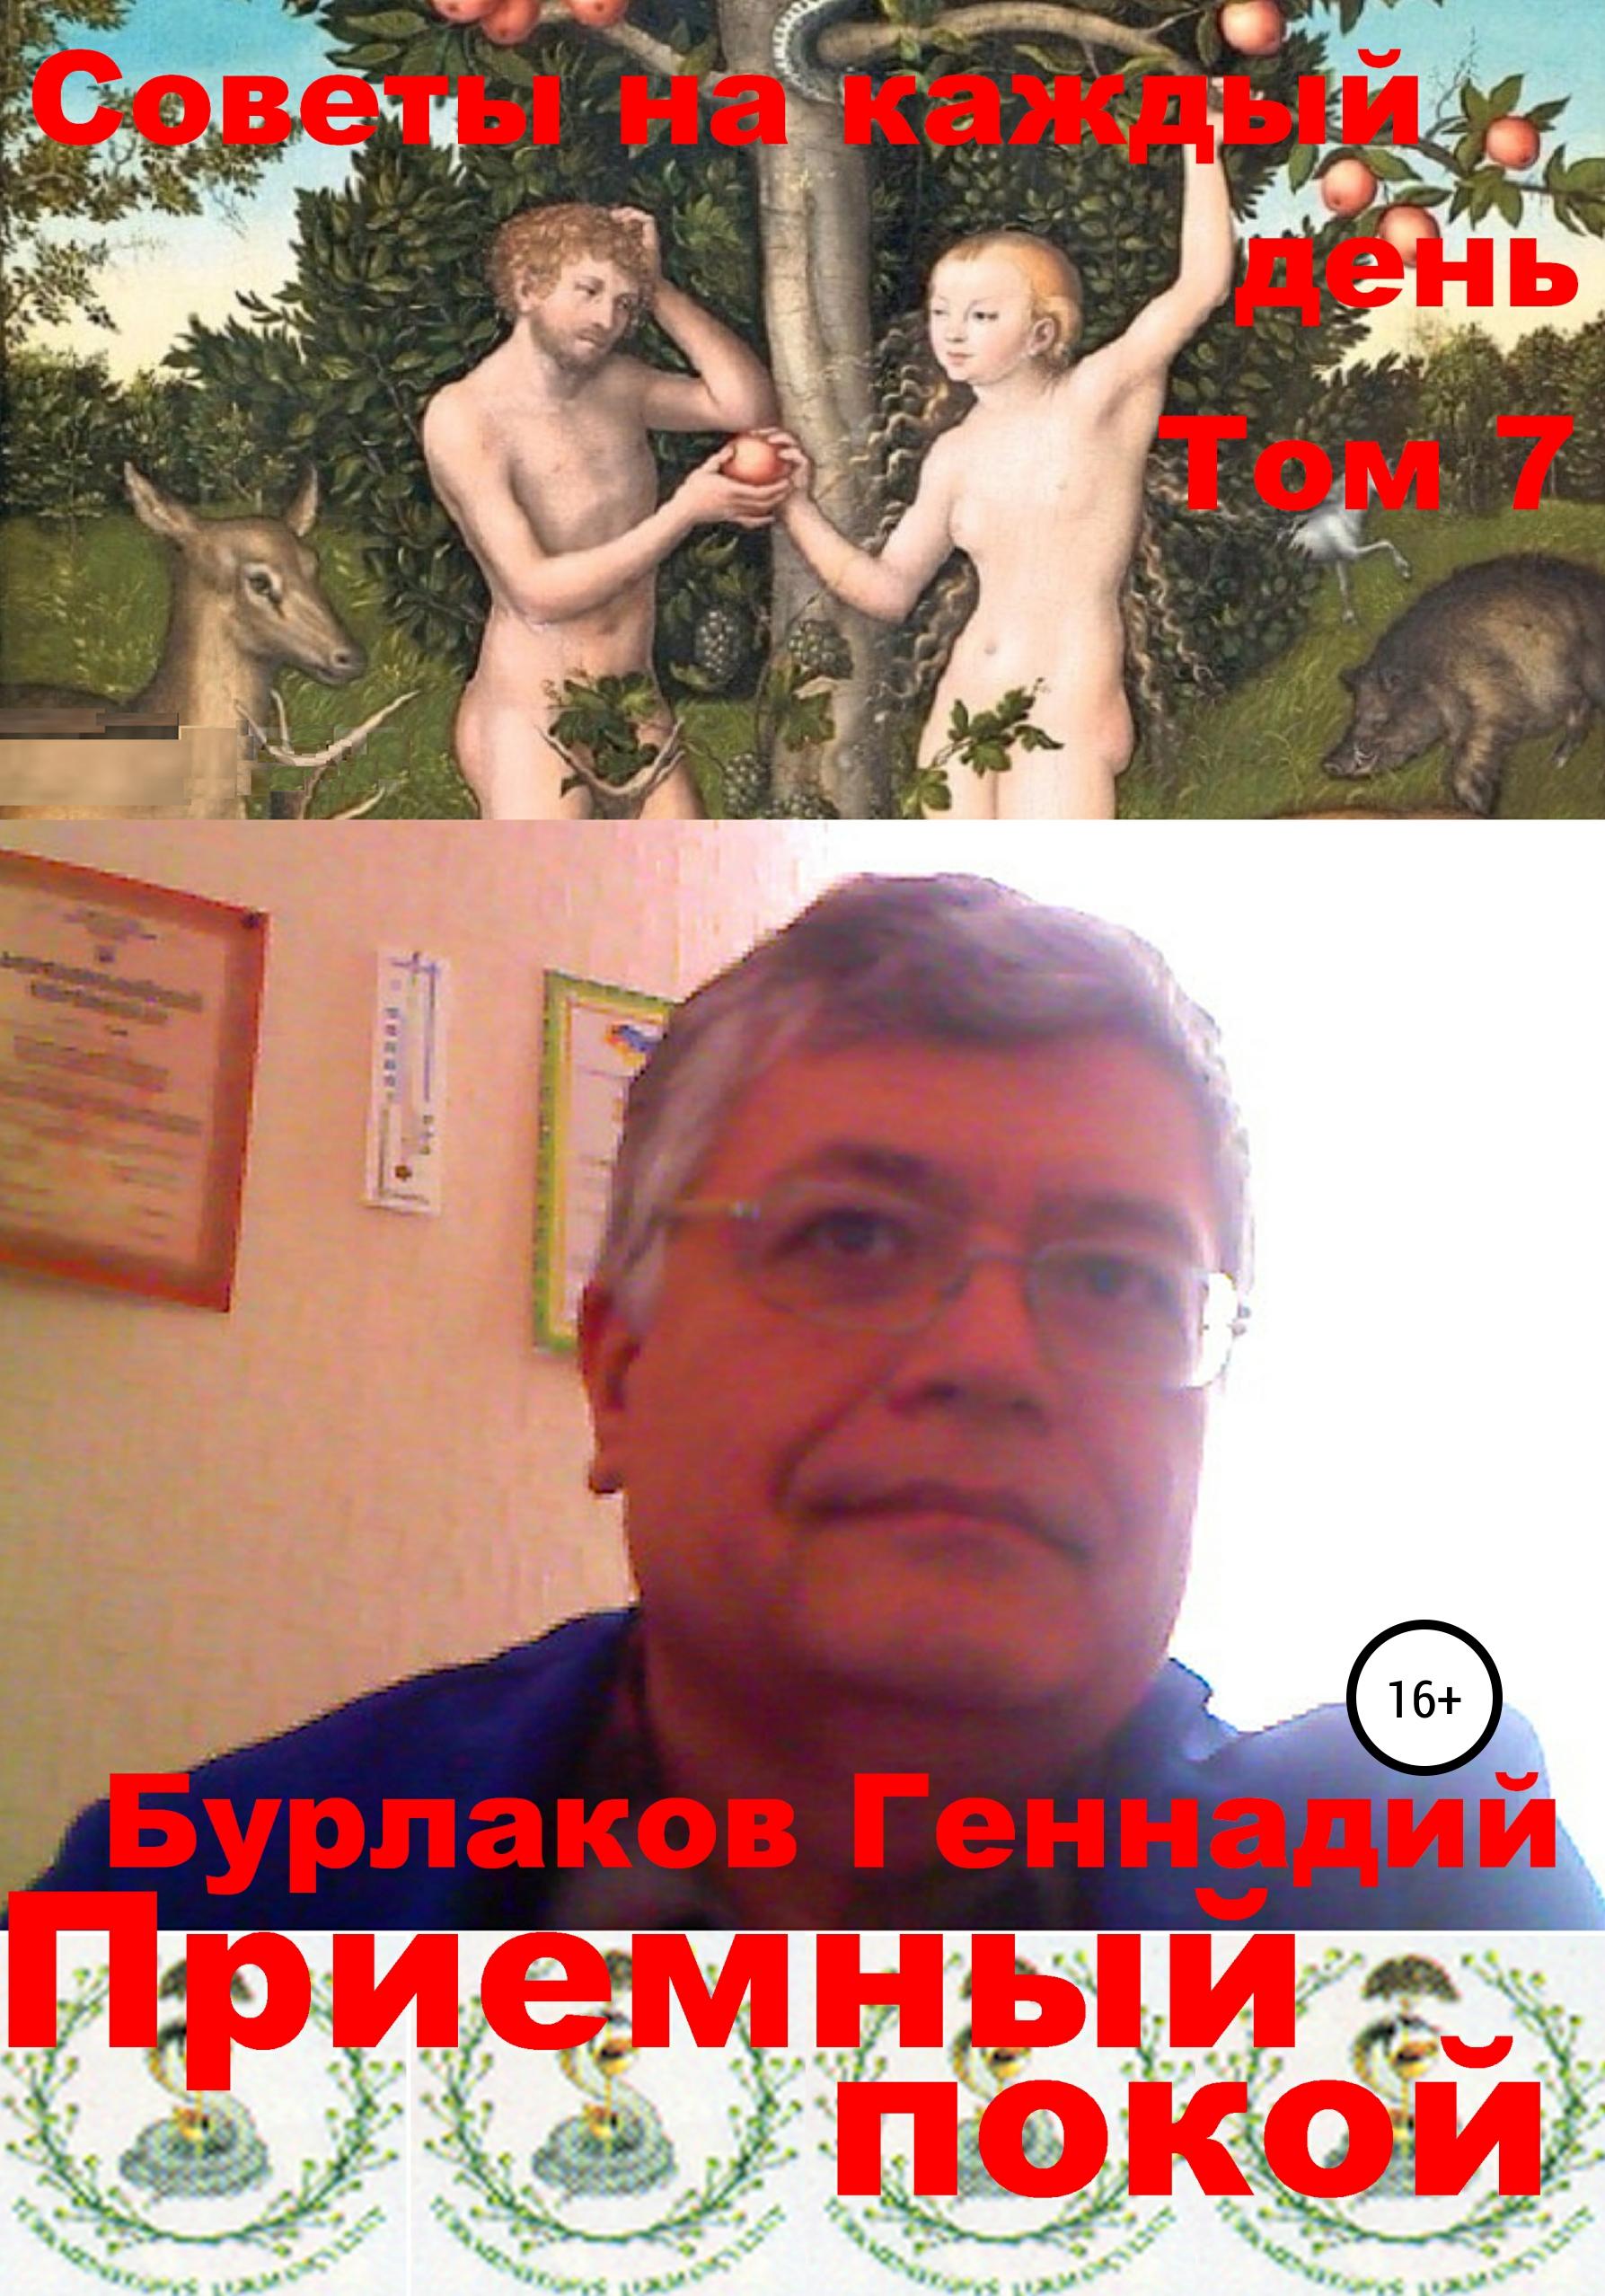 Геннадий Анатольевич Бурлаков Приемный покой. Советы на каждый день Том 7 семенова а оздоровительные советы на каждый день 2020 года